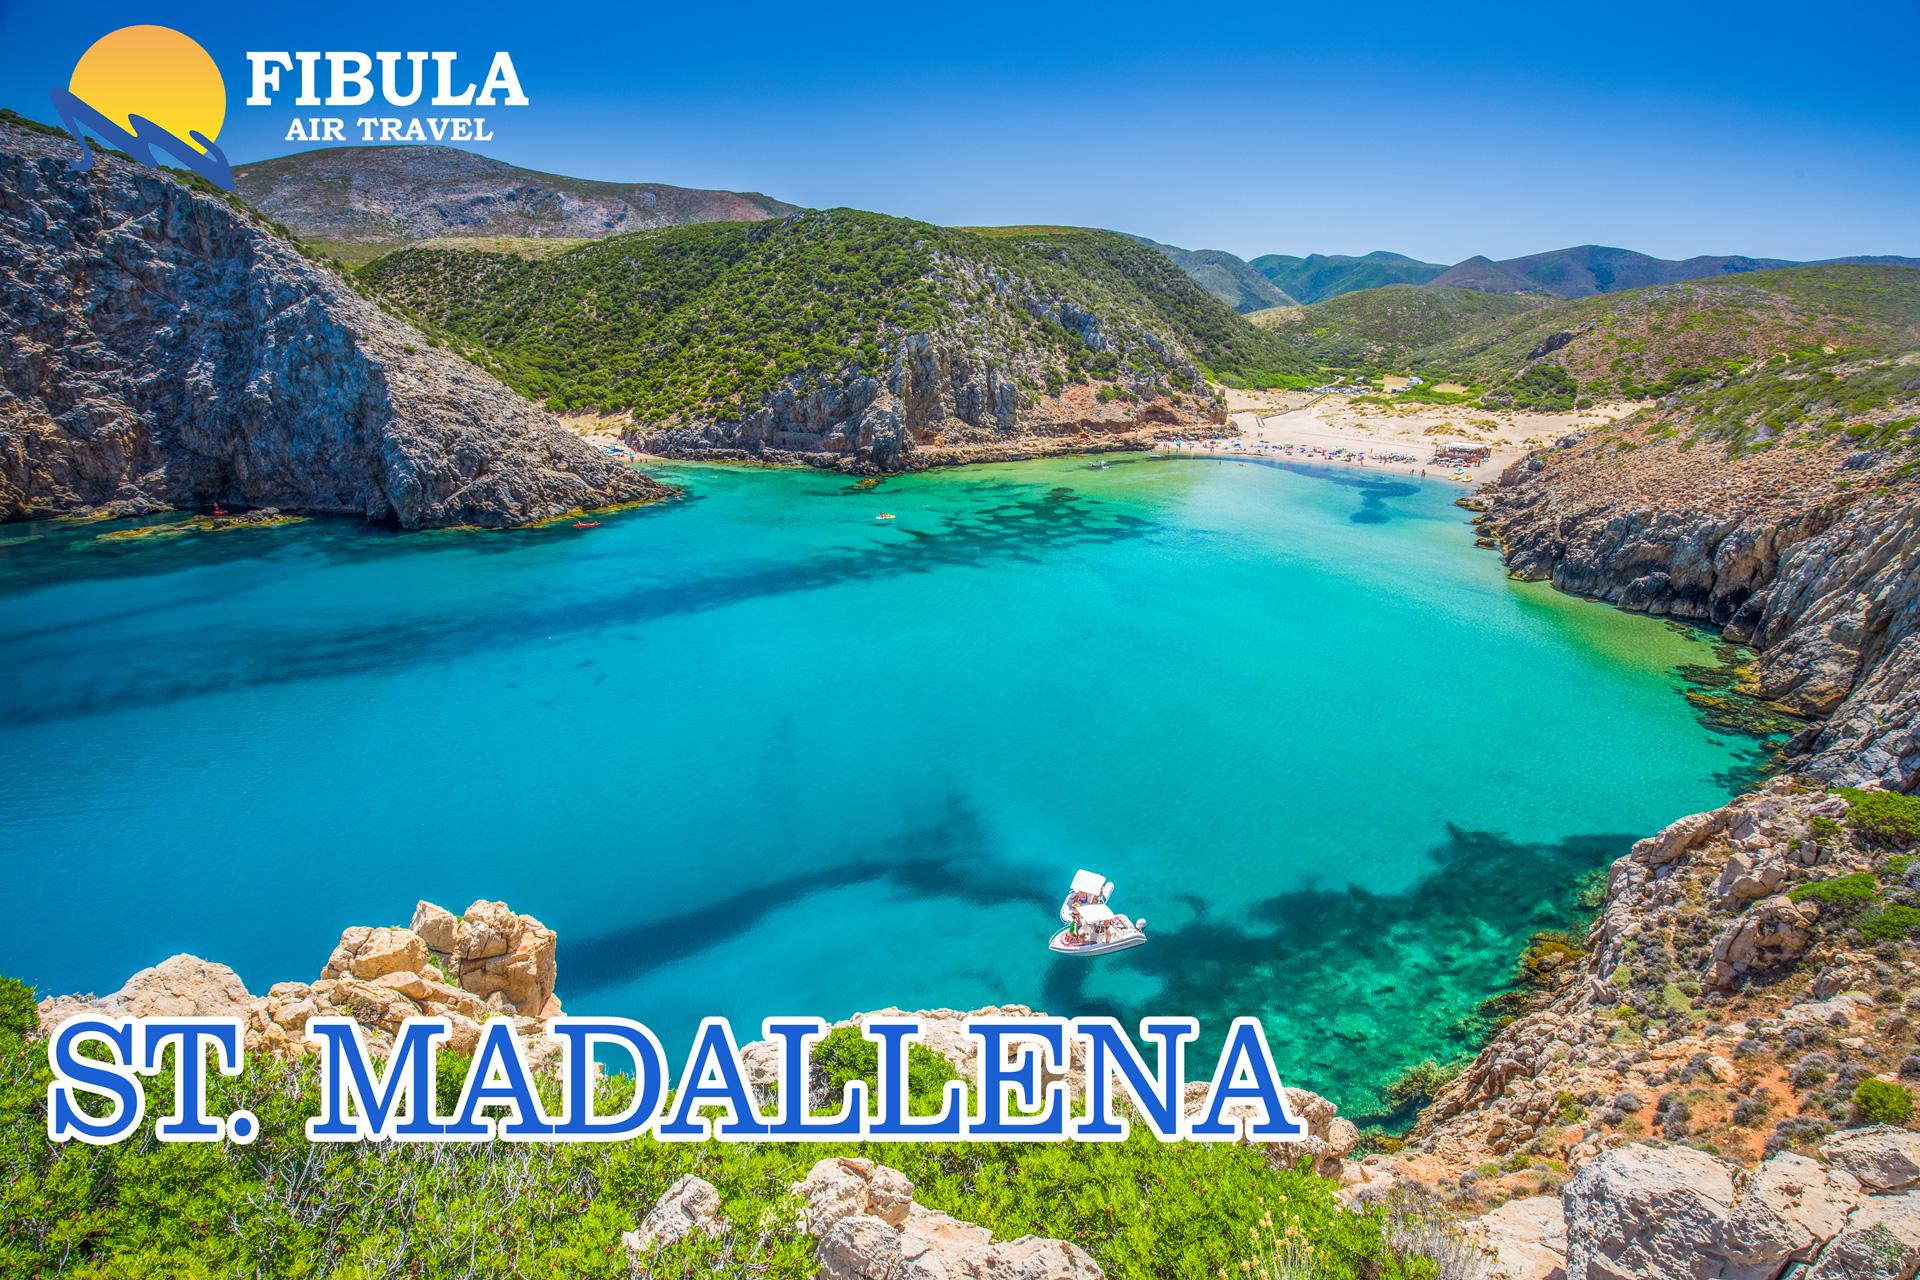 St. Madallena ruzicasta plaza Sardinija leto 2019 turisticka agencija Fibula Air Travel